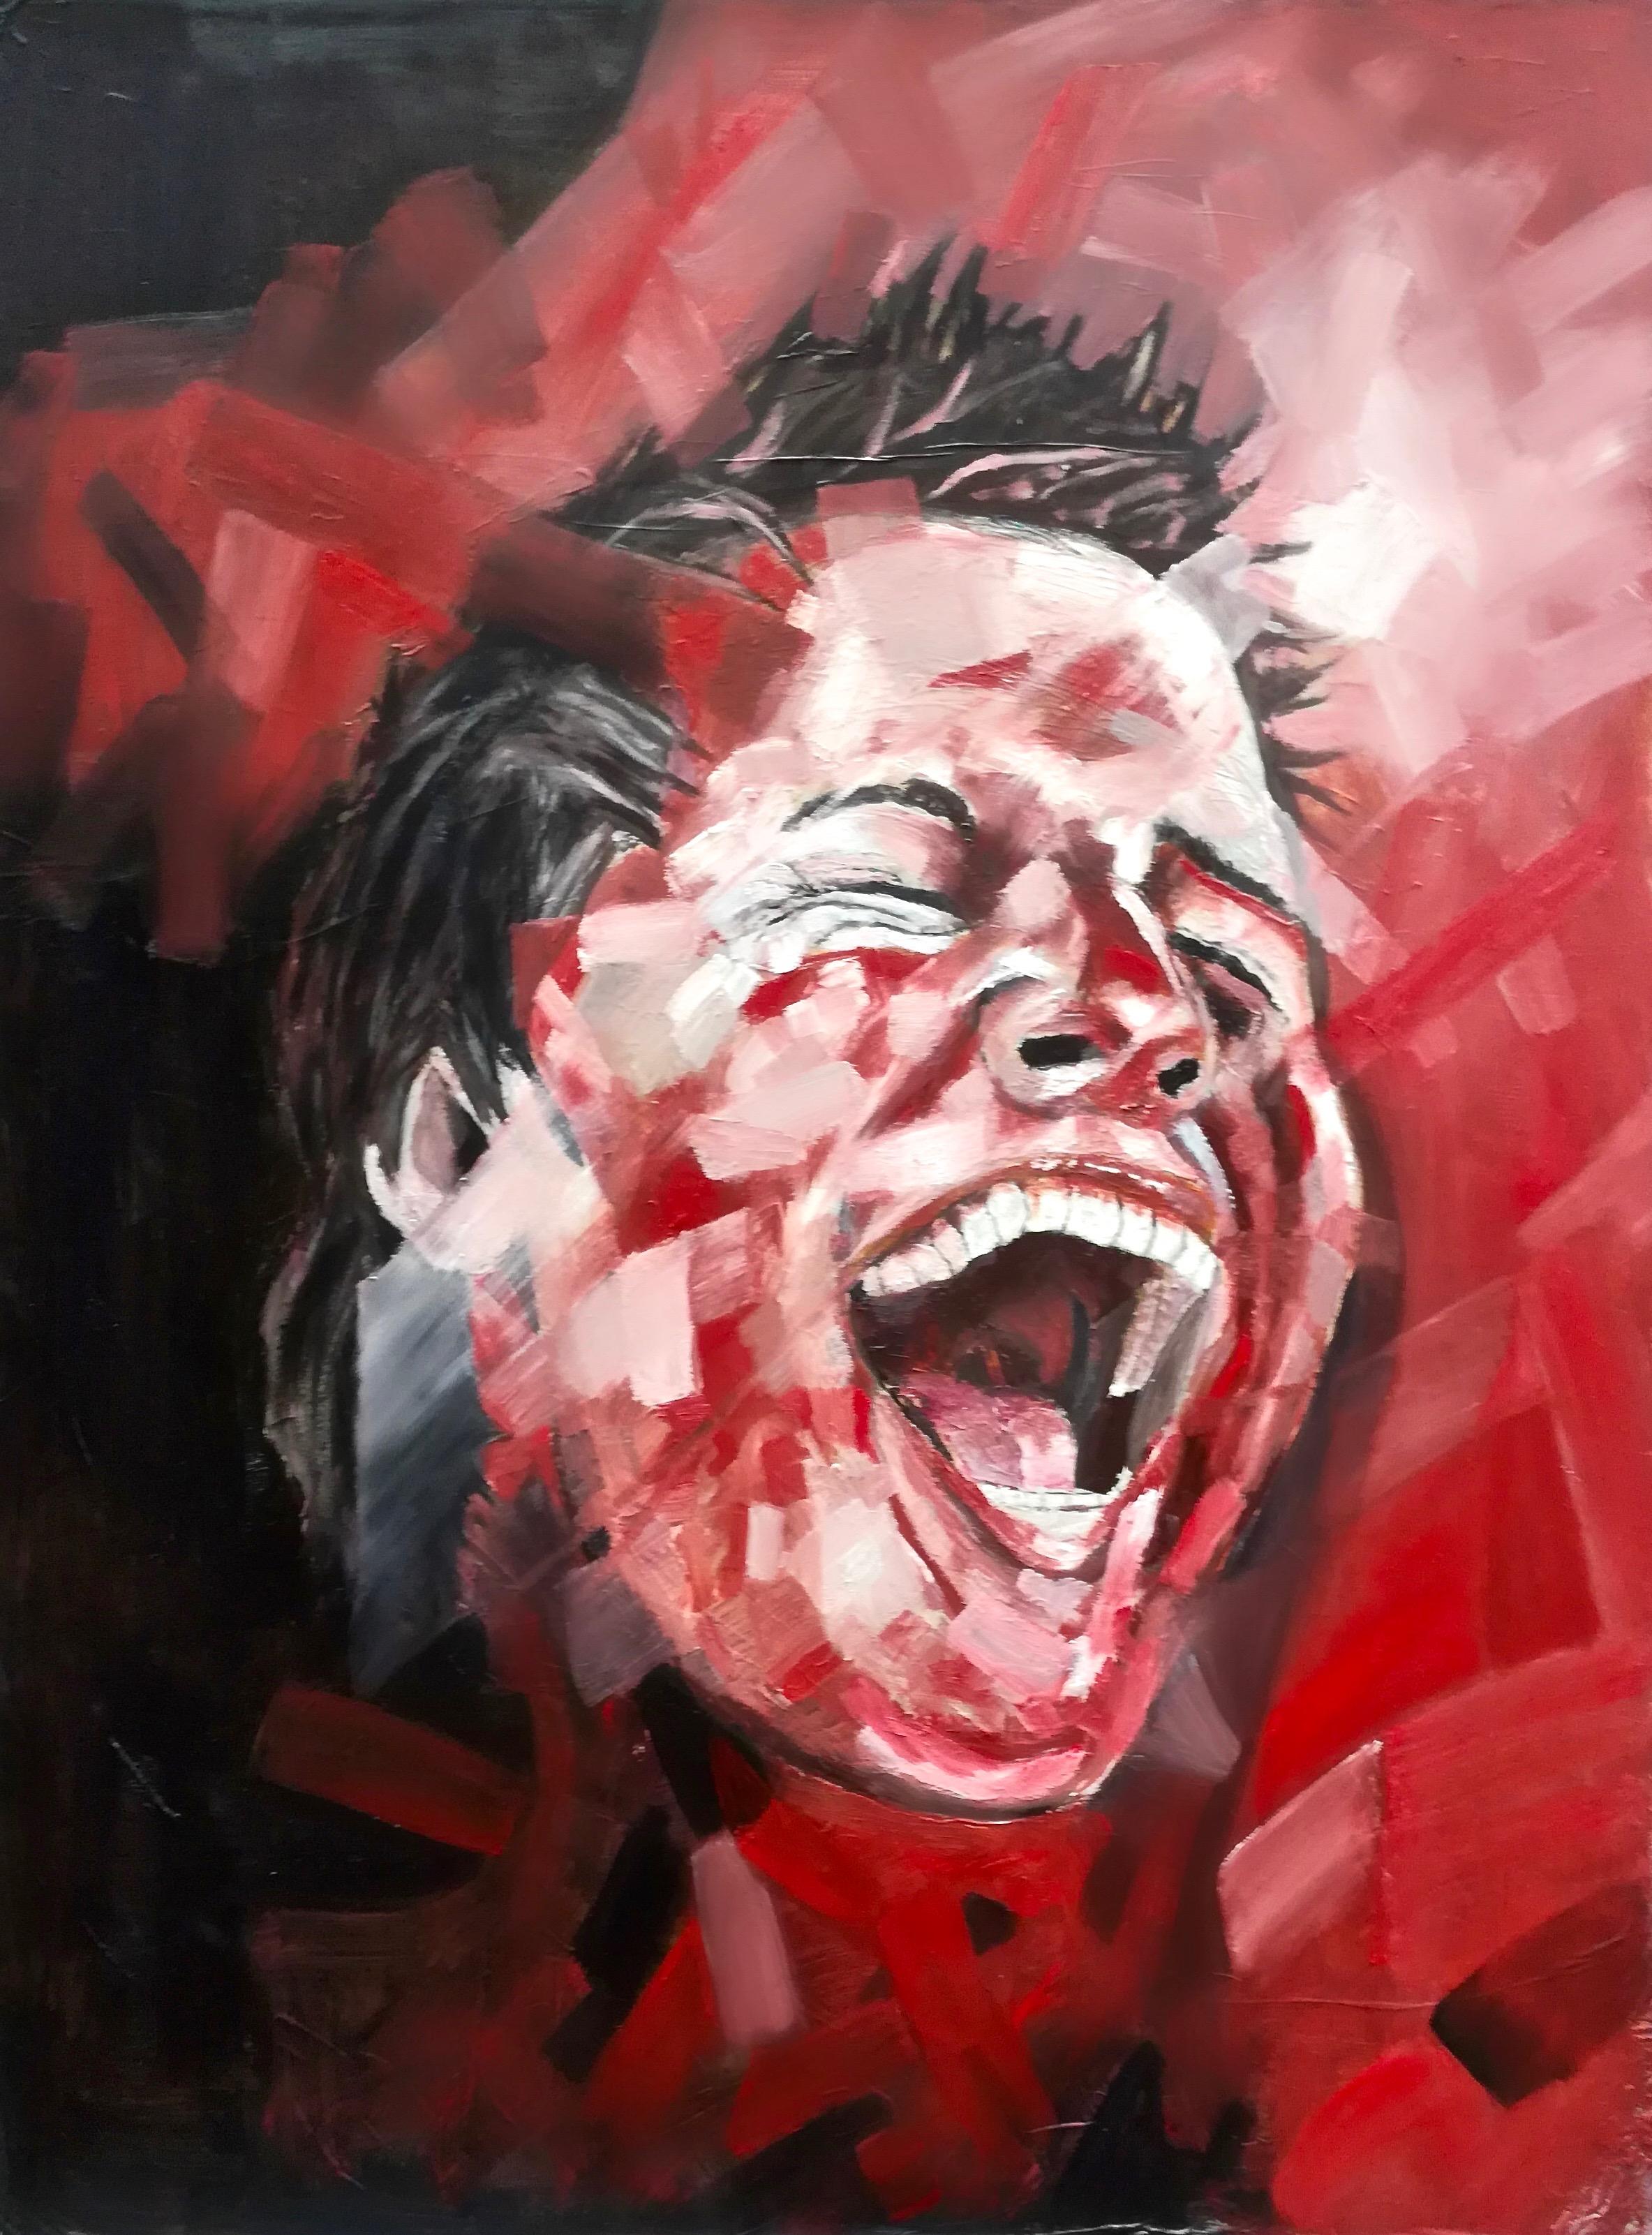 Deuxième portrait d'Andy riant. Couleurs rouge, peinture acrylique, par Stanmac. 2014-2018